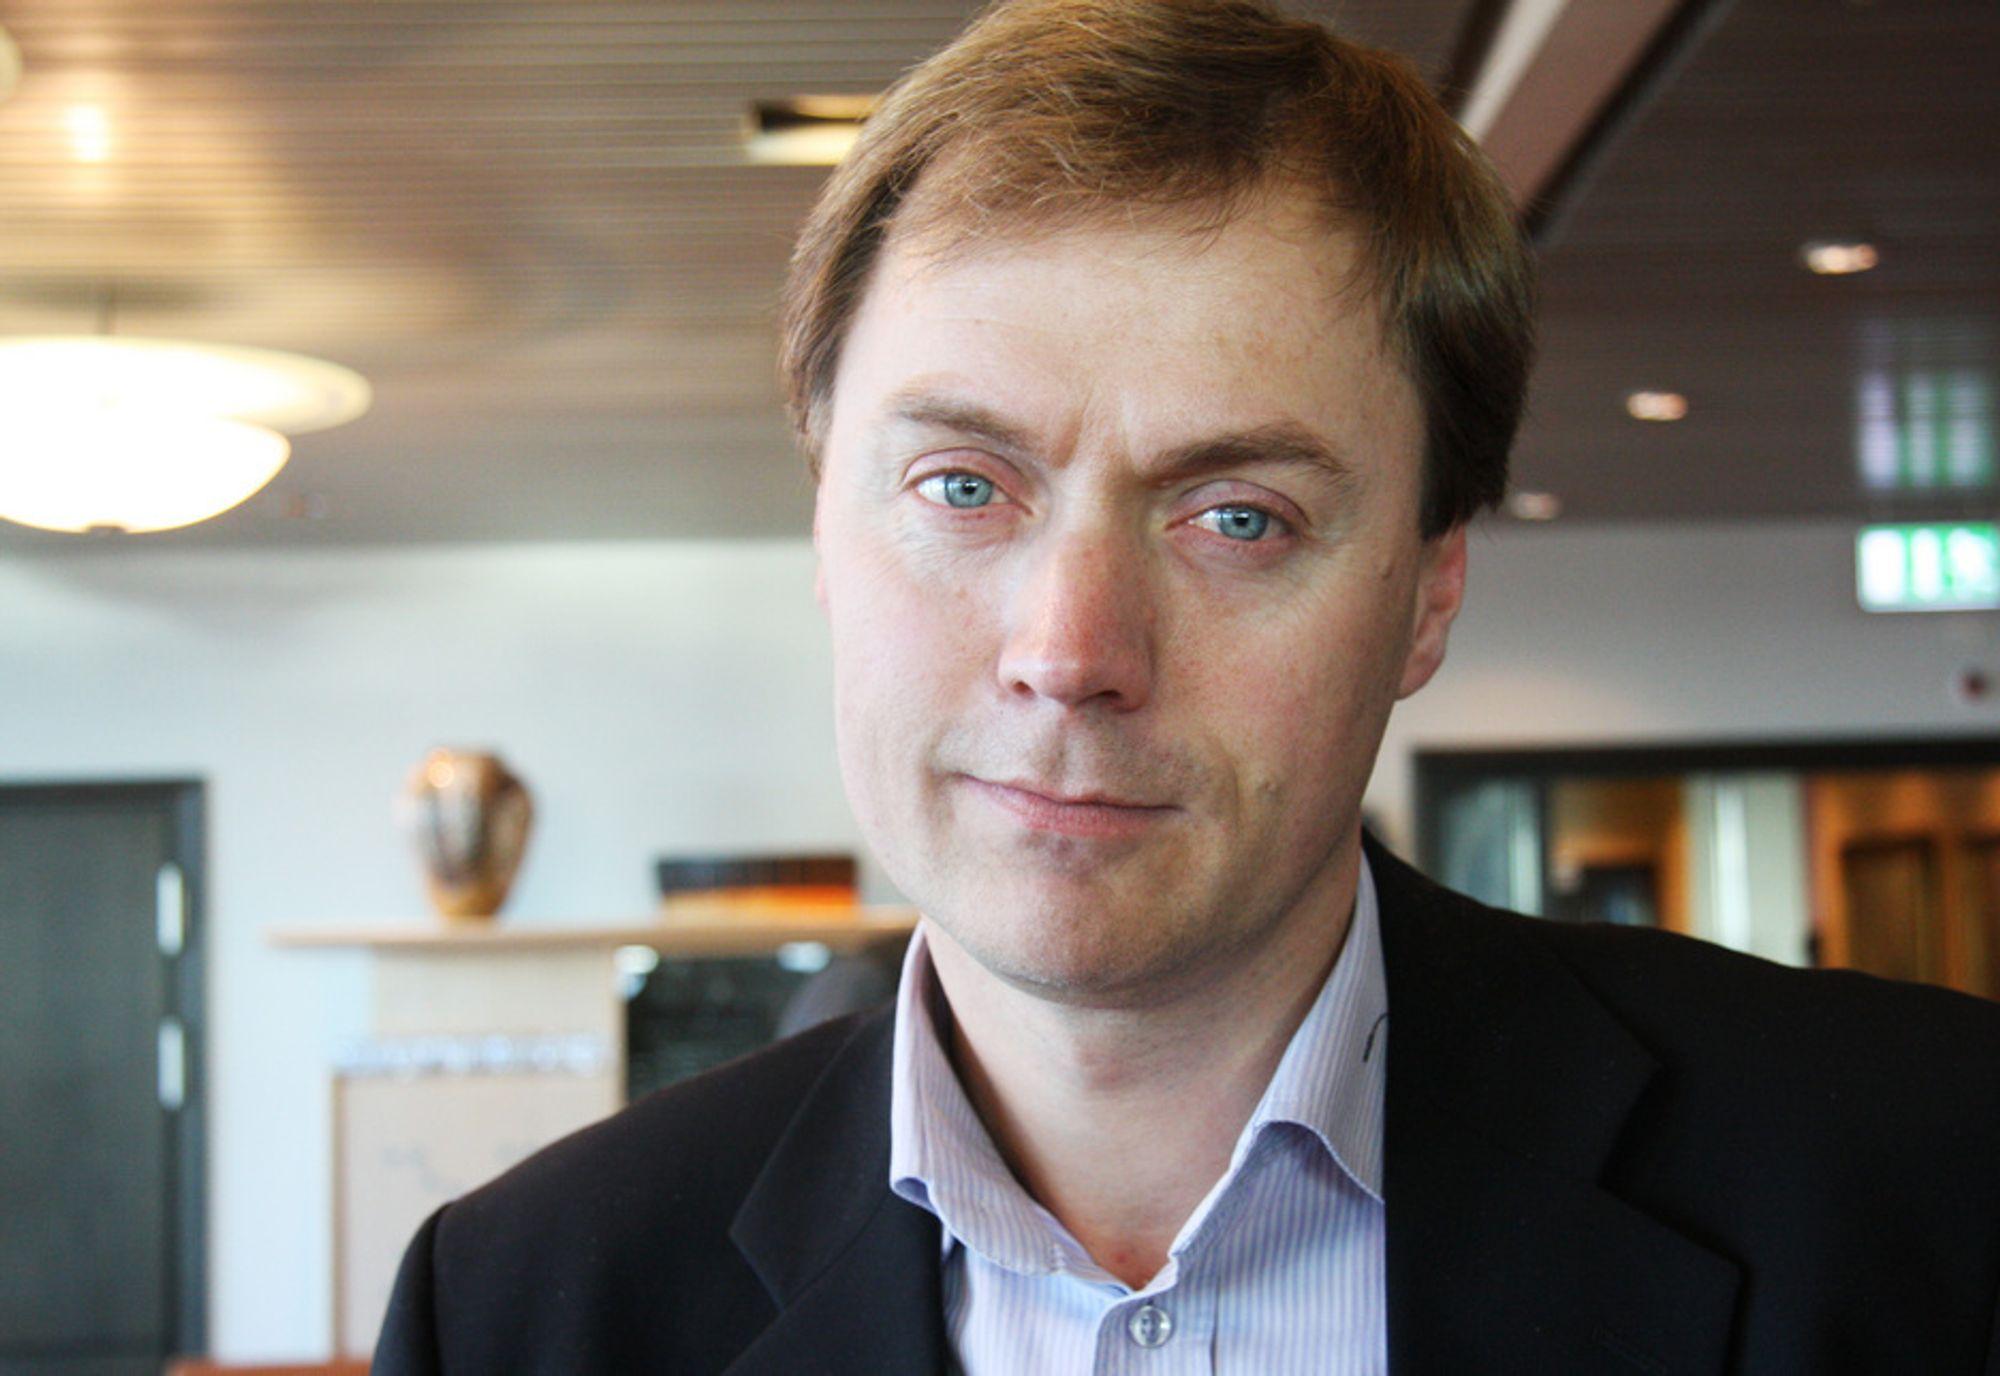 Knut Sunde i Norsk Industri mener Gripen hadde større potensiale, men at det ikke nødvendigvis betyr at JSF er noe dårligere valg.